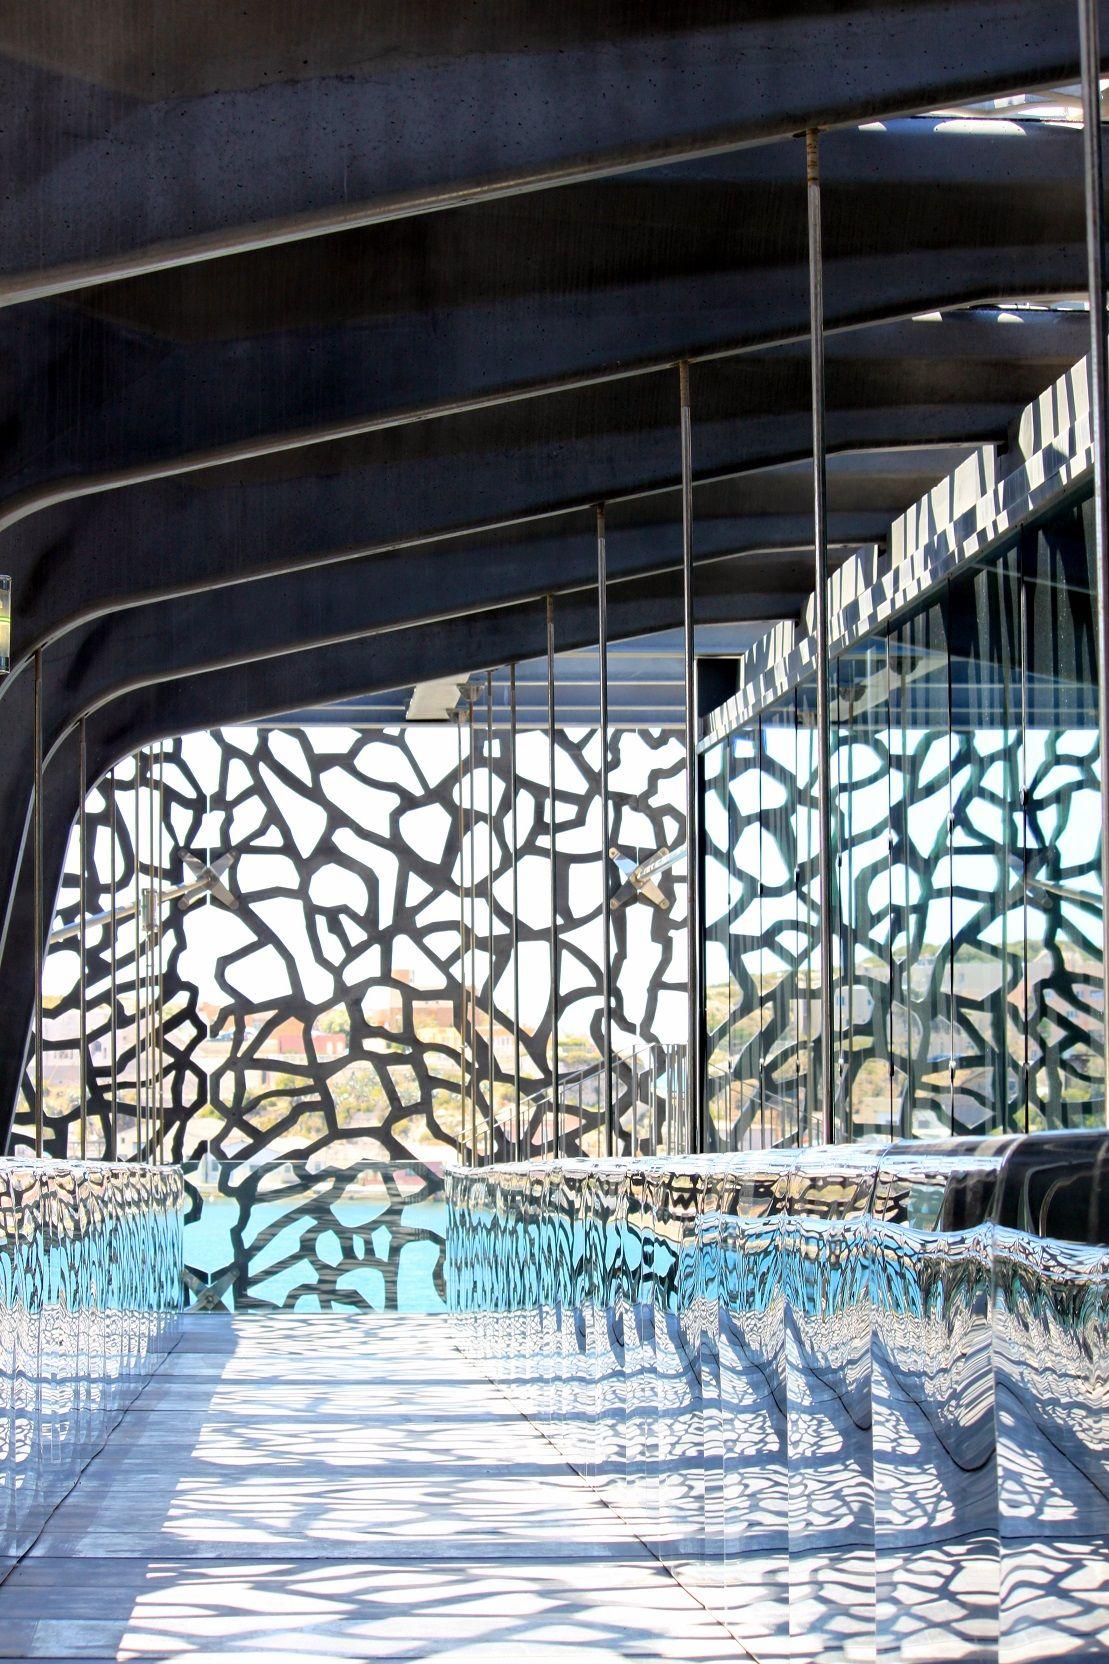 Les 25 meilleures id es de la cat gorie architecte marseille en exclusivit s - Mucem rudy ricciotti architecte ...